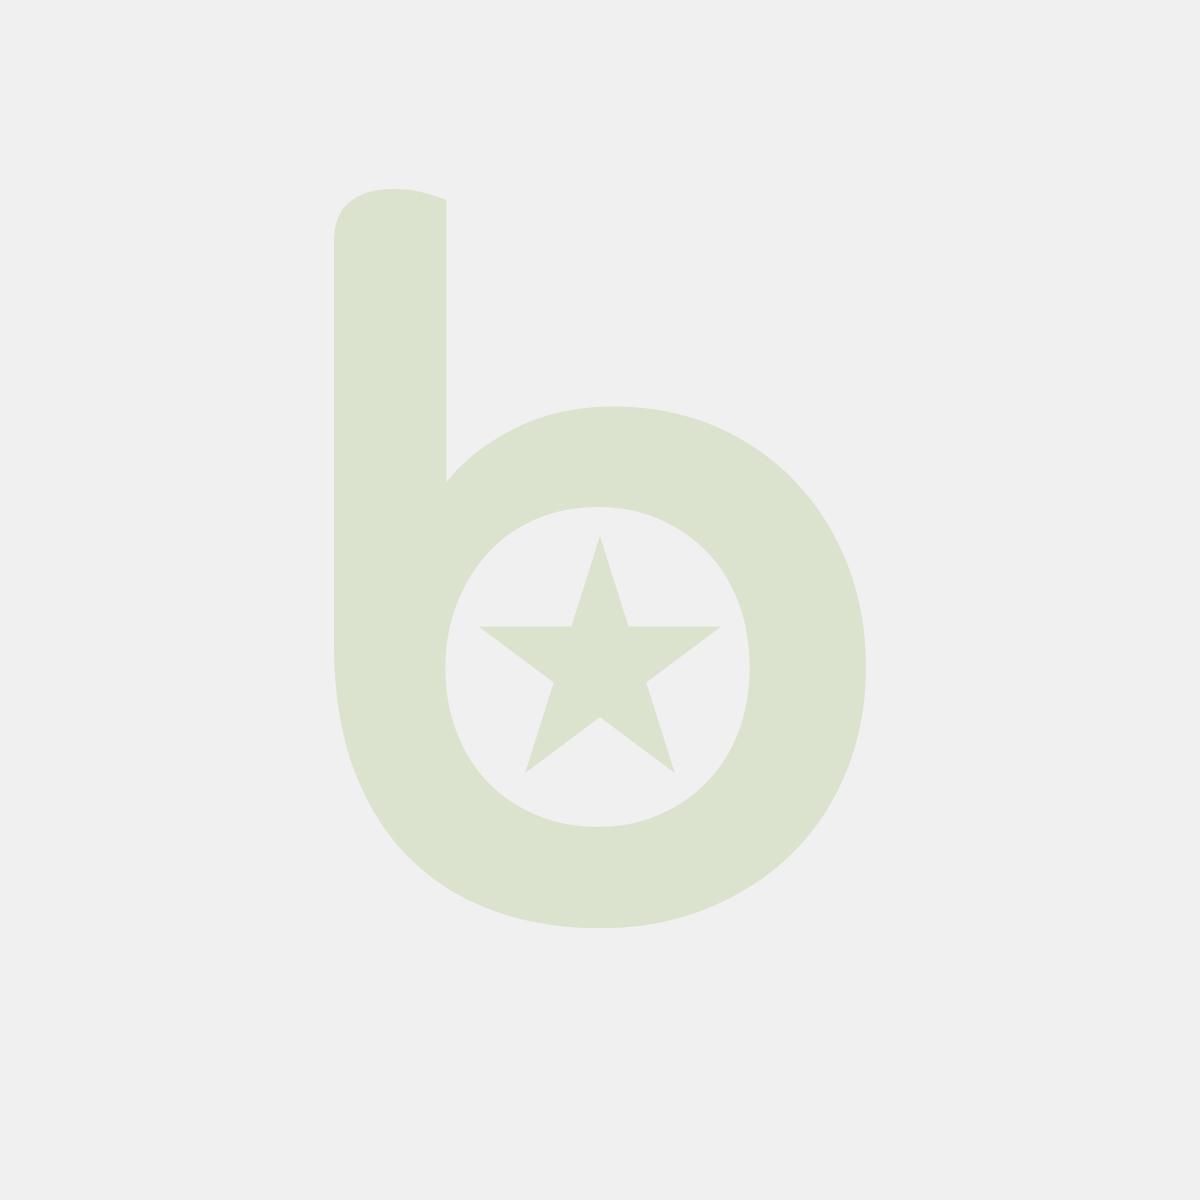 Cukier trzcinowy w paluszkach La Crema - 1000szt - kod 998977